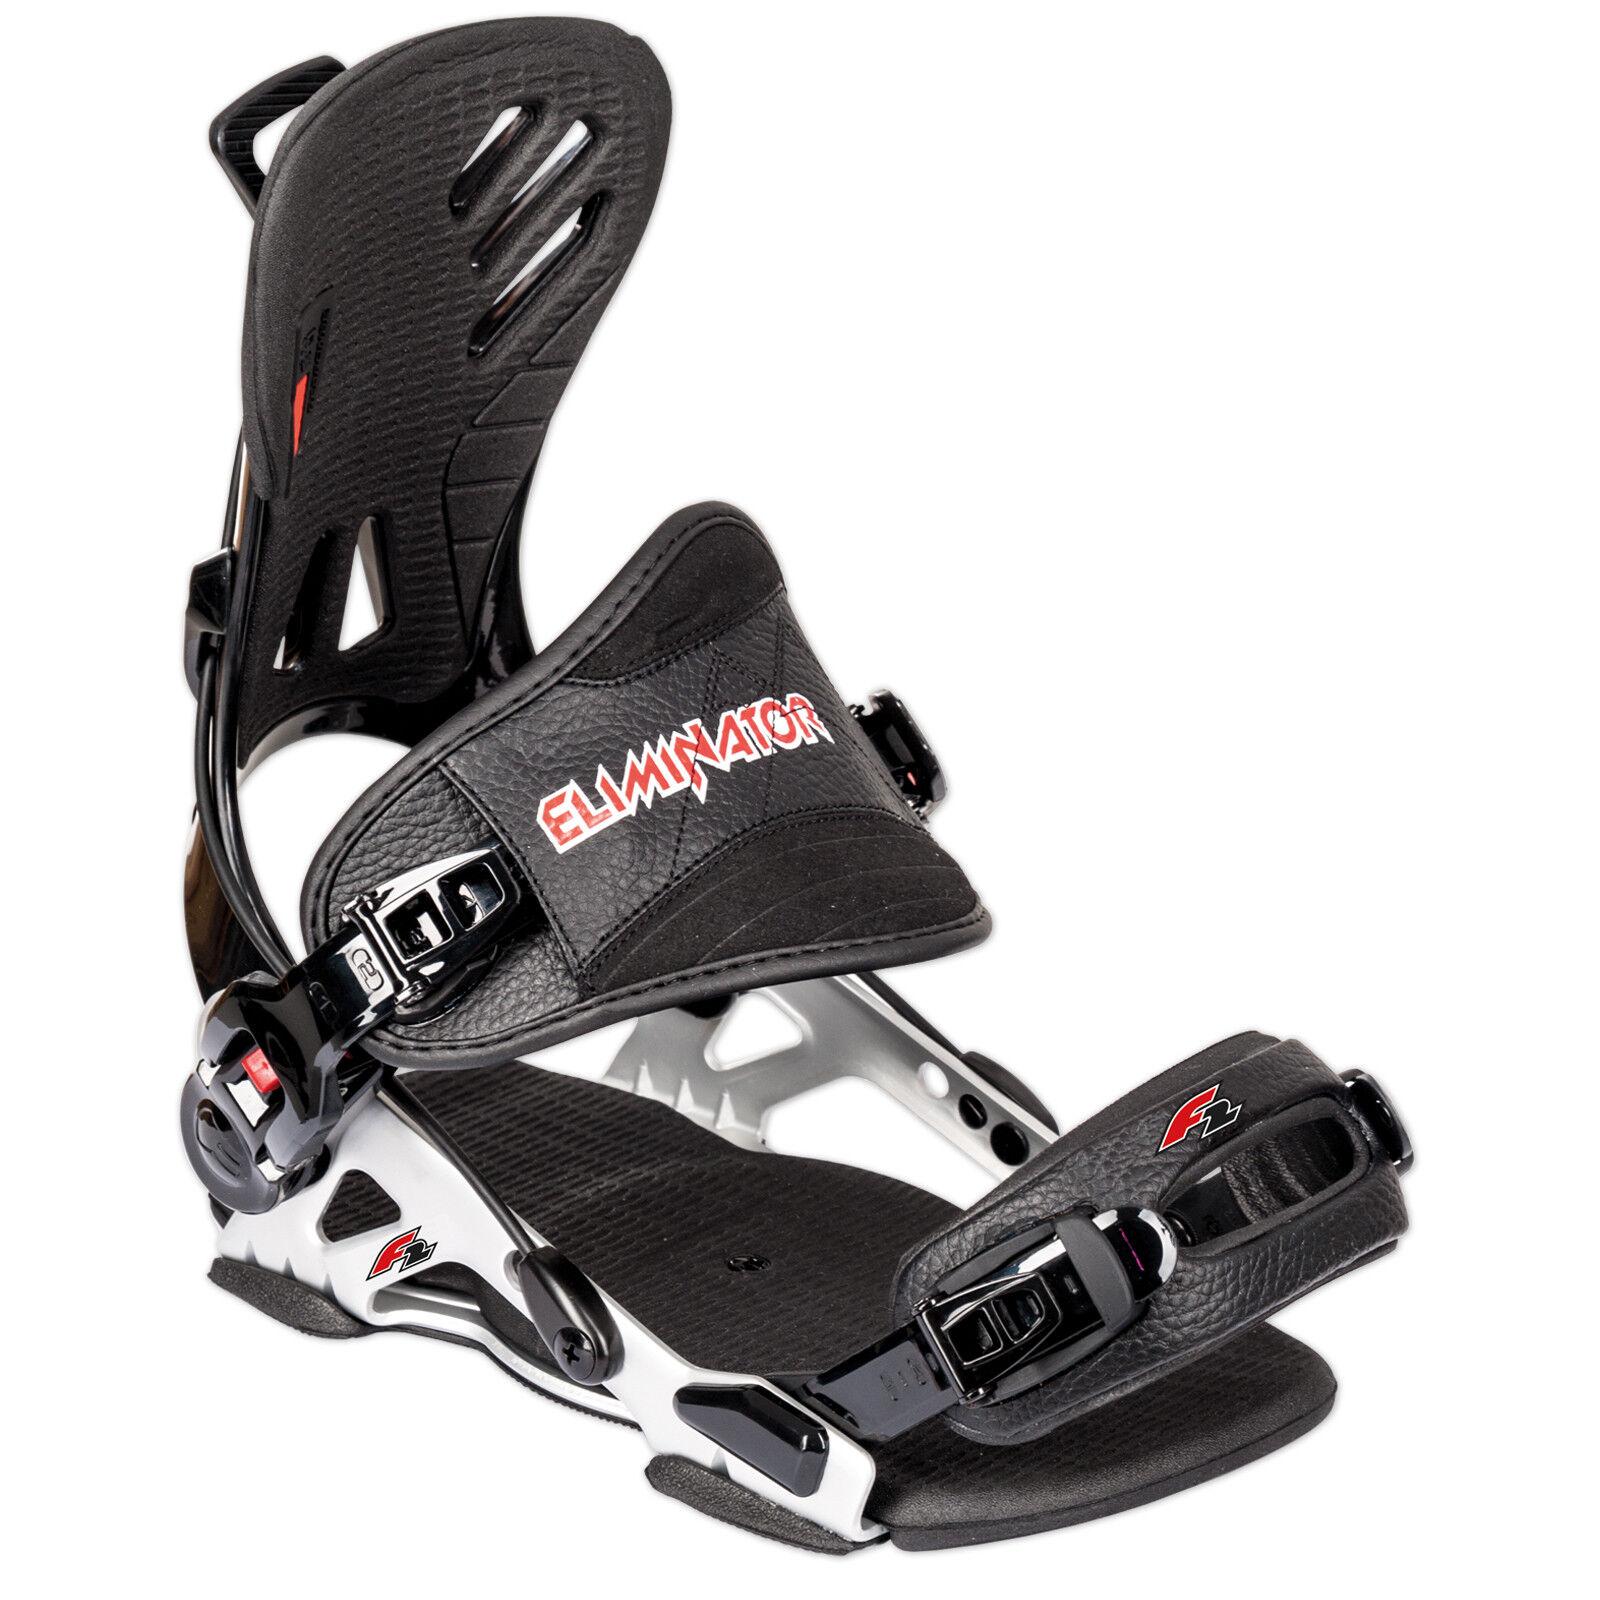 F2 Eliminator Carve Fastec Fijación 2019  Snowboard Softbota Fijación Talla XL